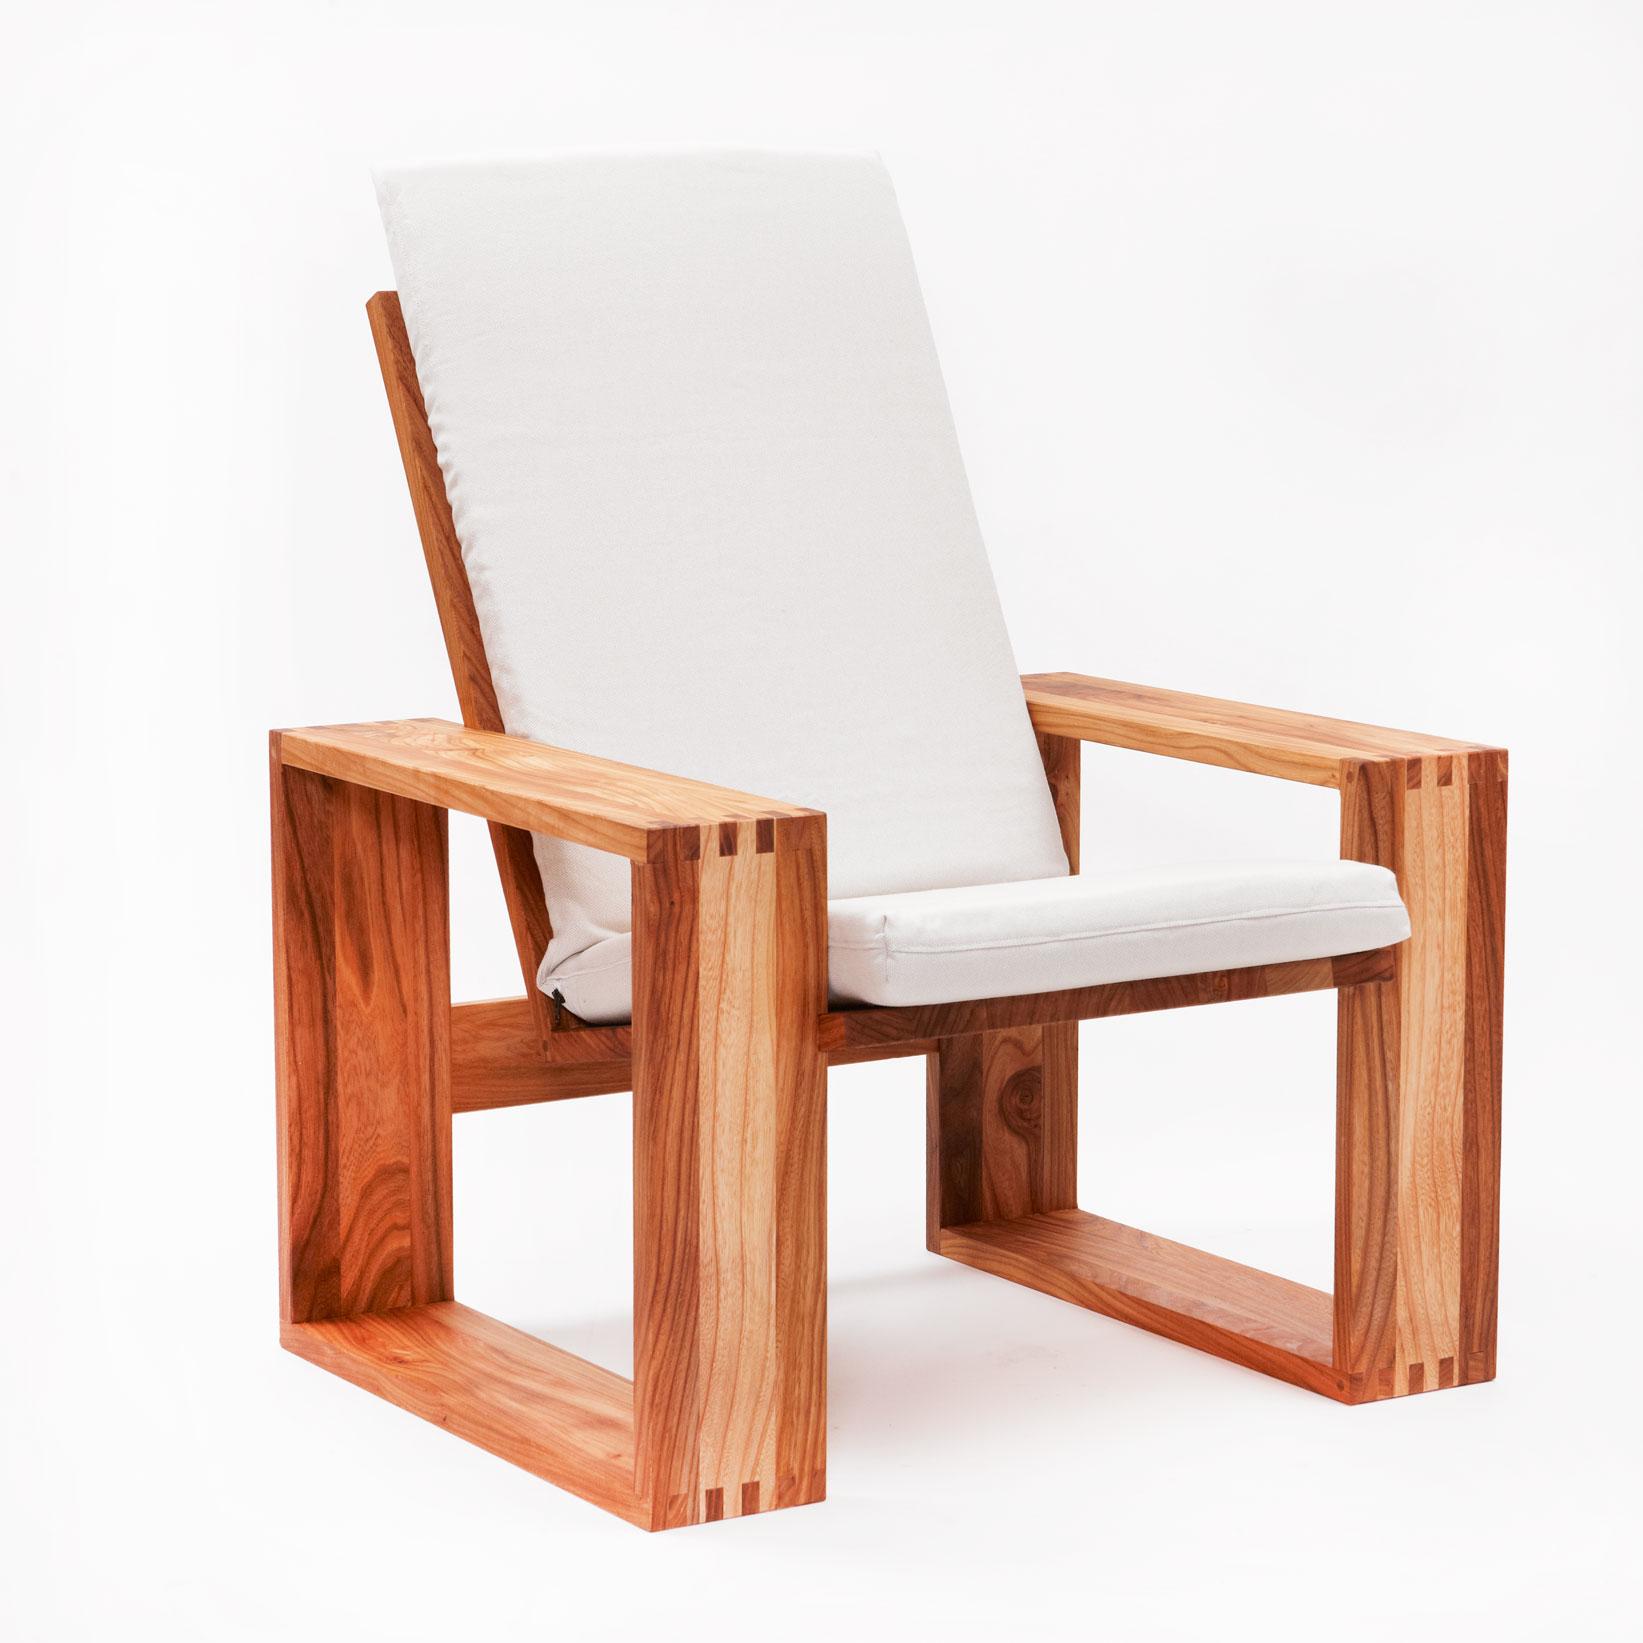 p stoel